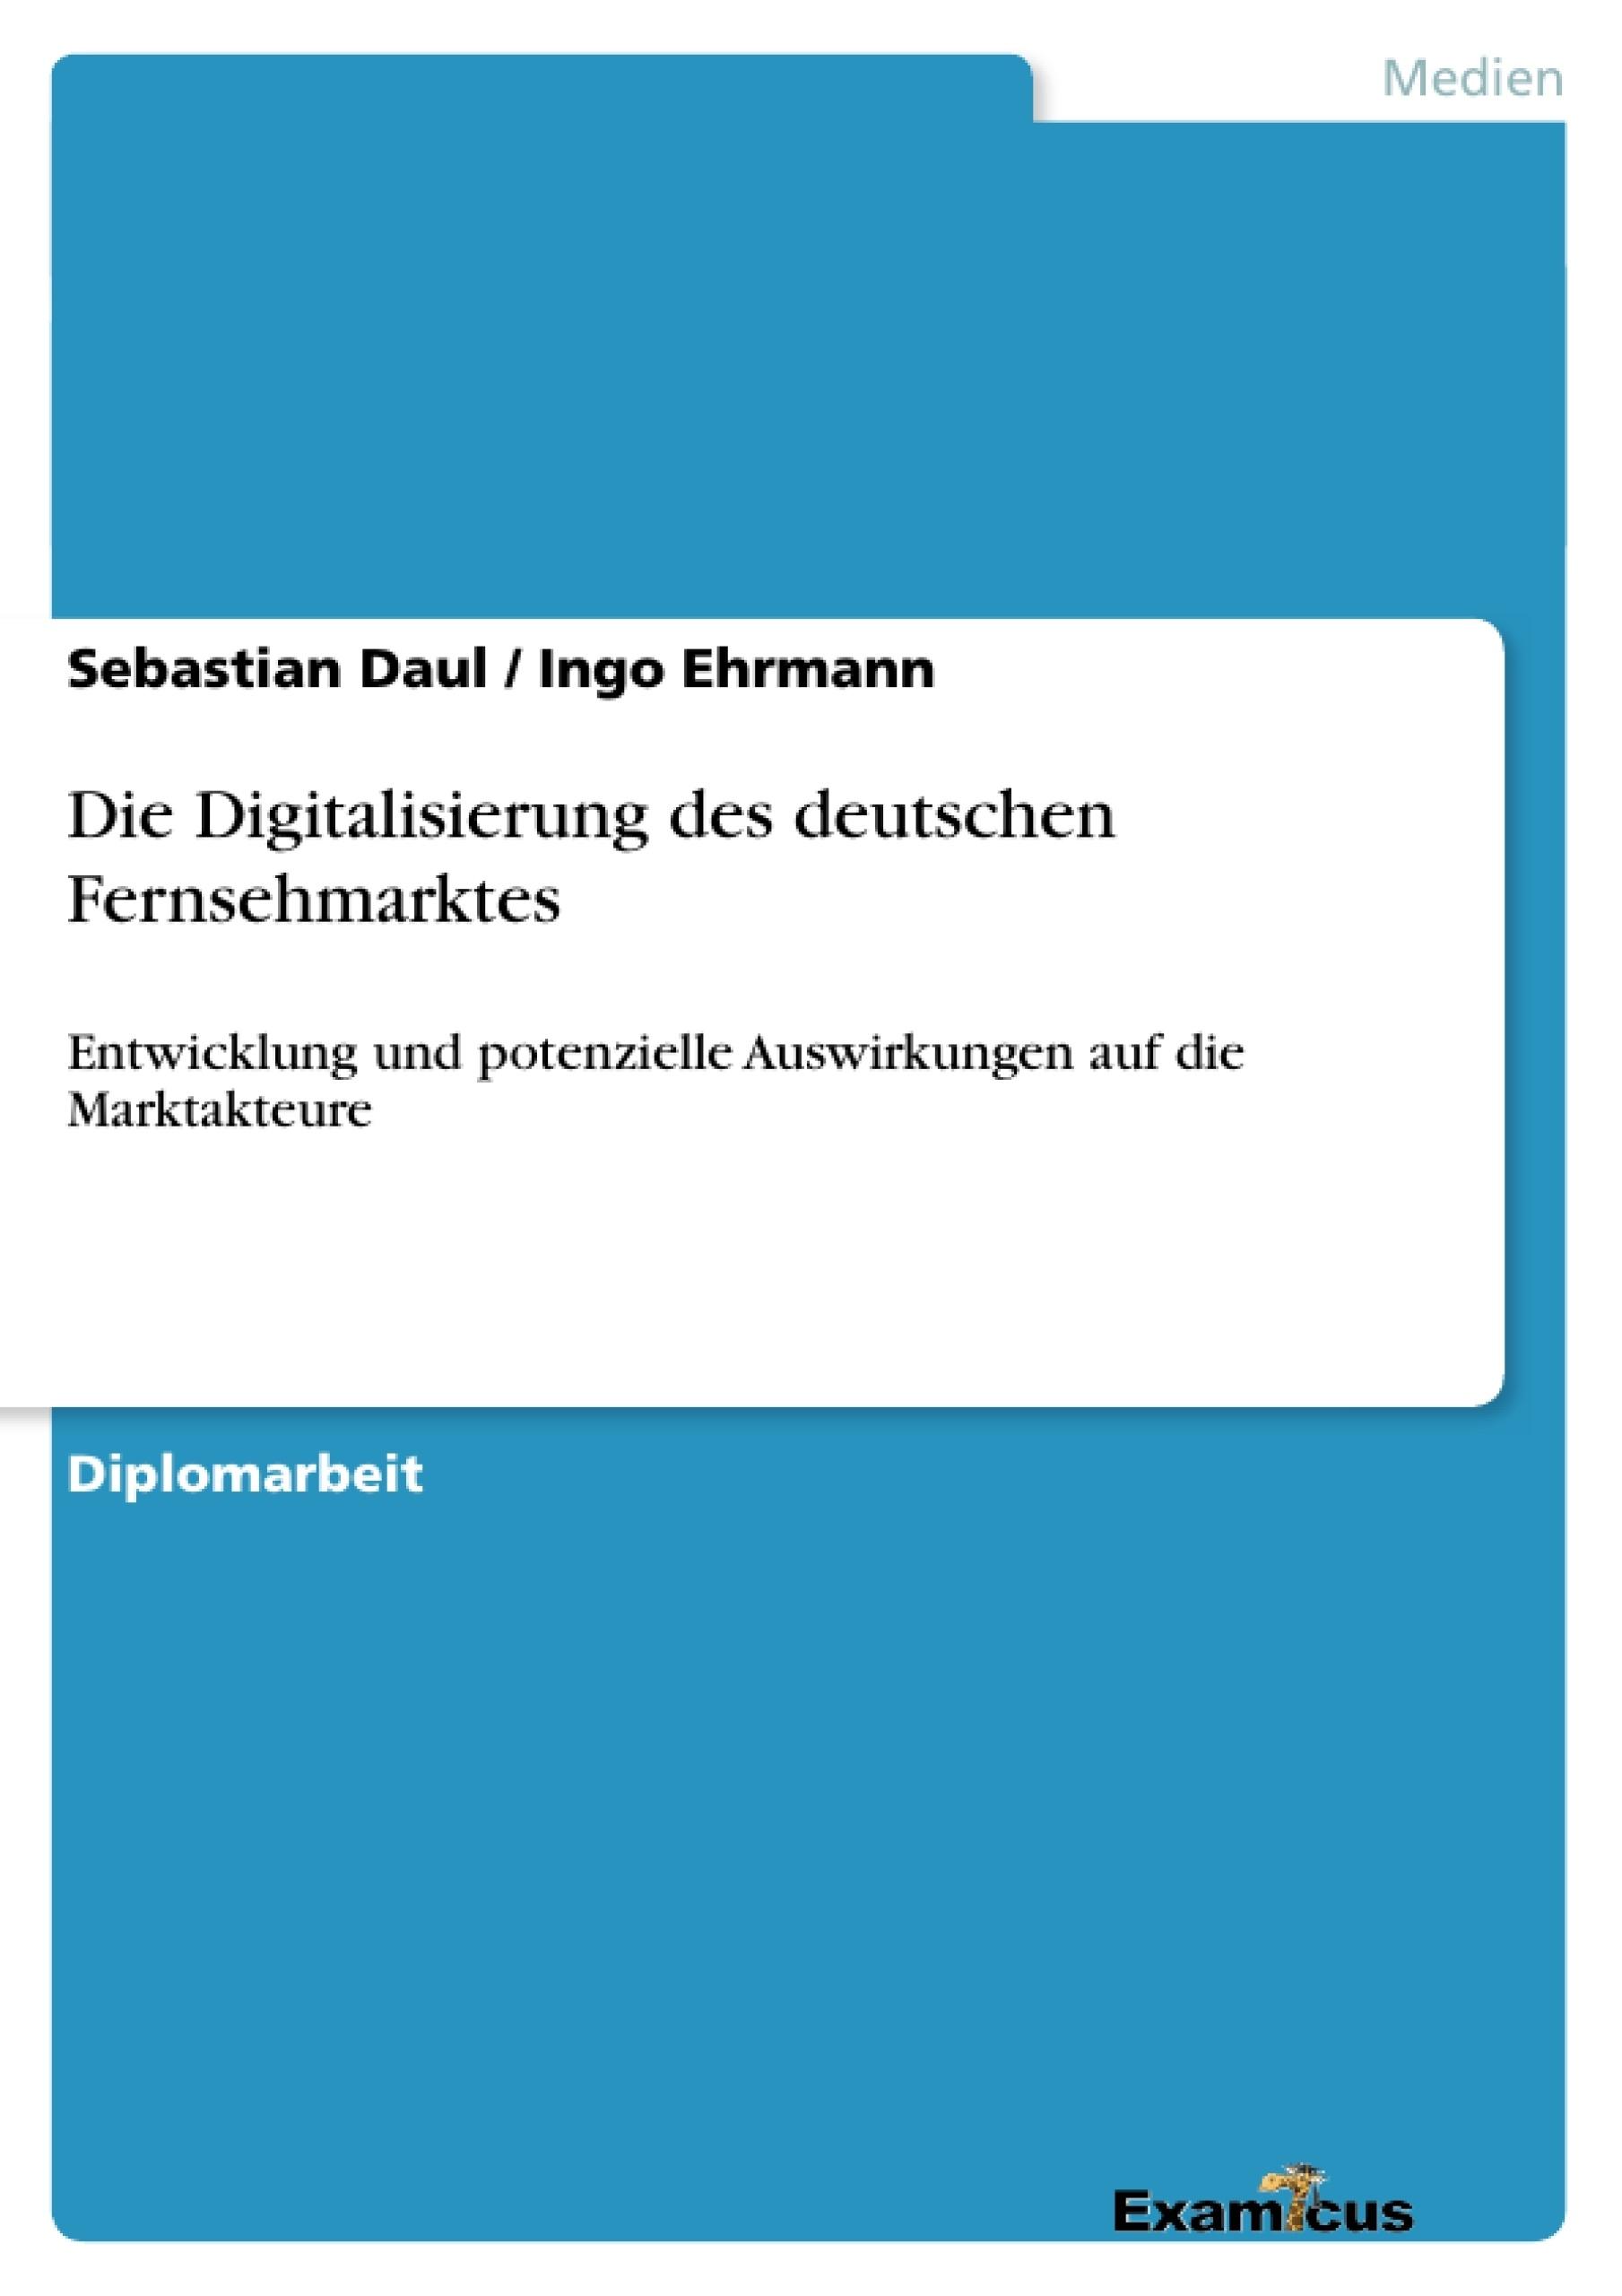 Titel: Die Digitalisierung des deutschen Fernsehmarktes